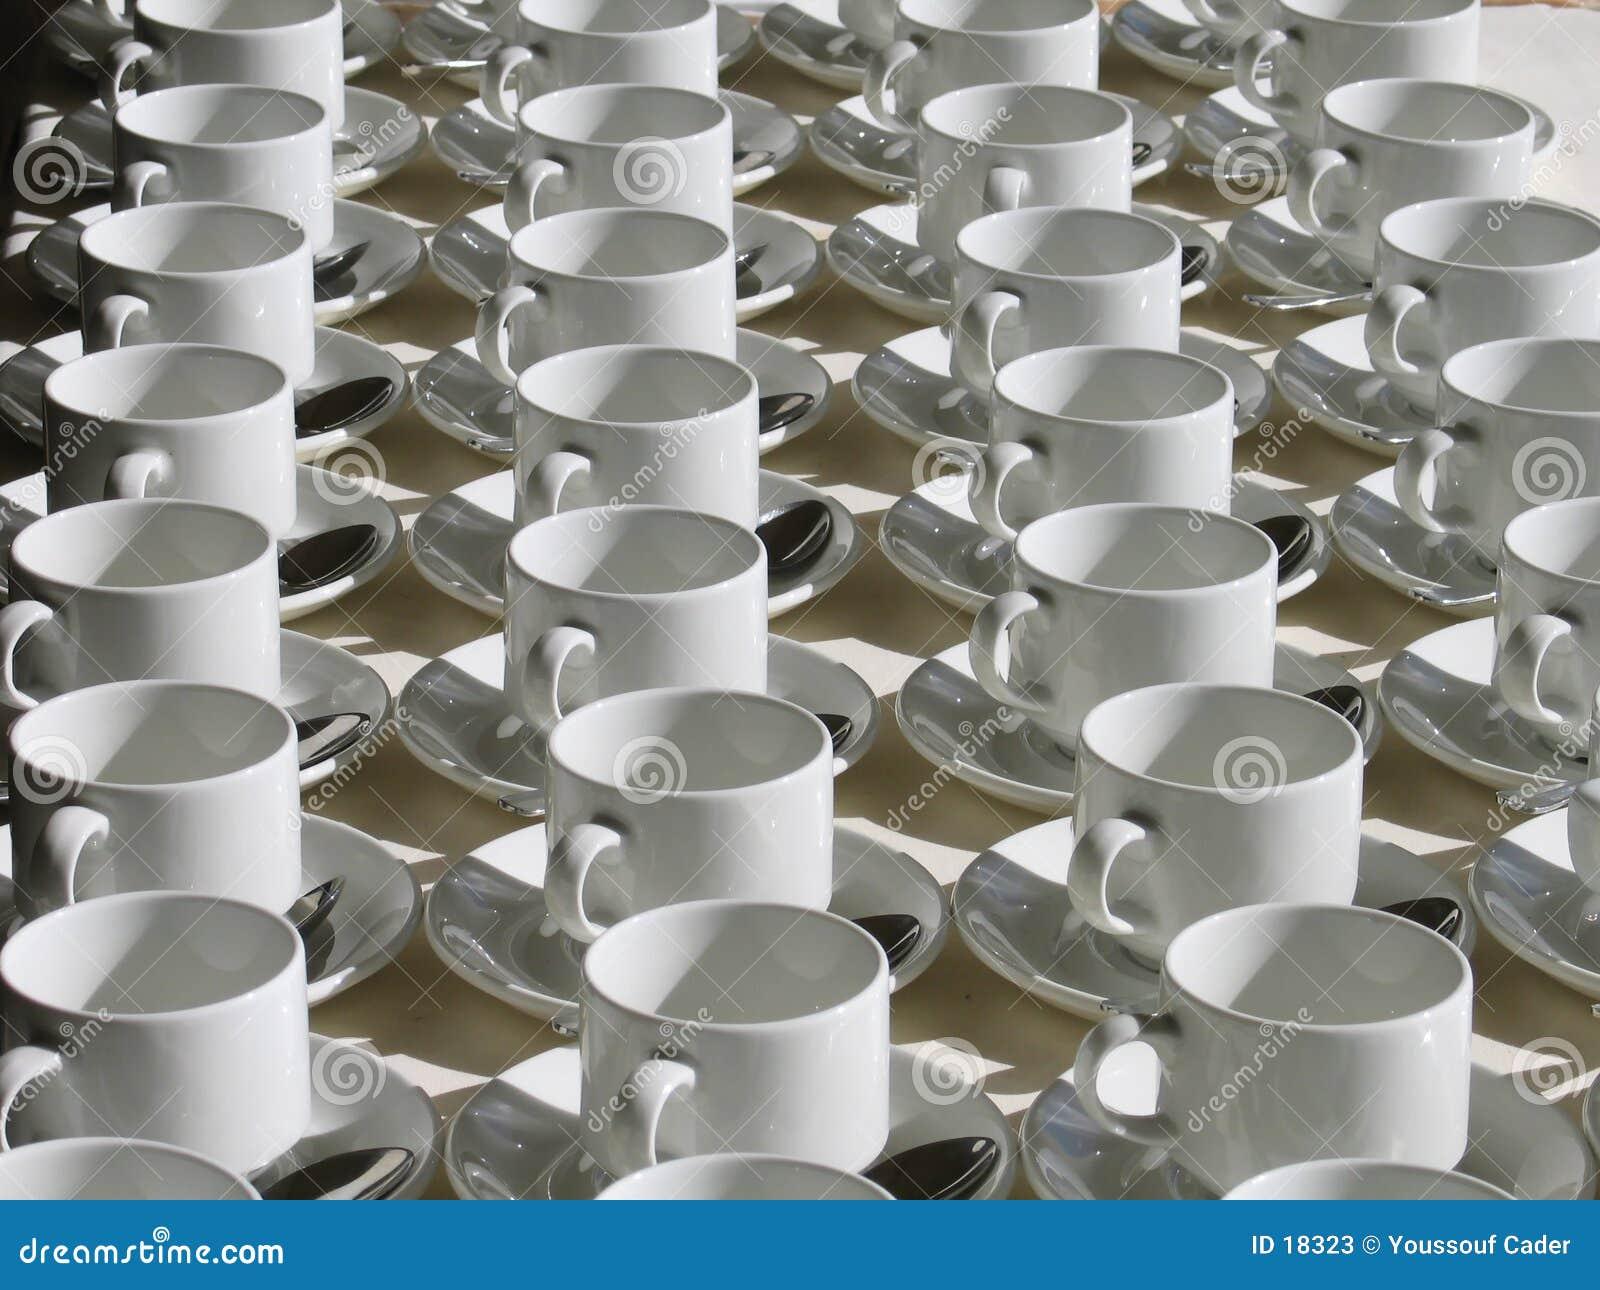 Ausgerichtete Cup